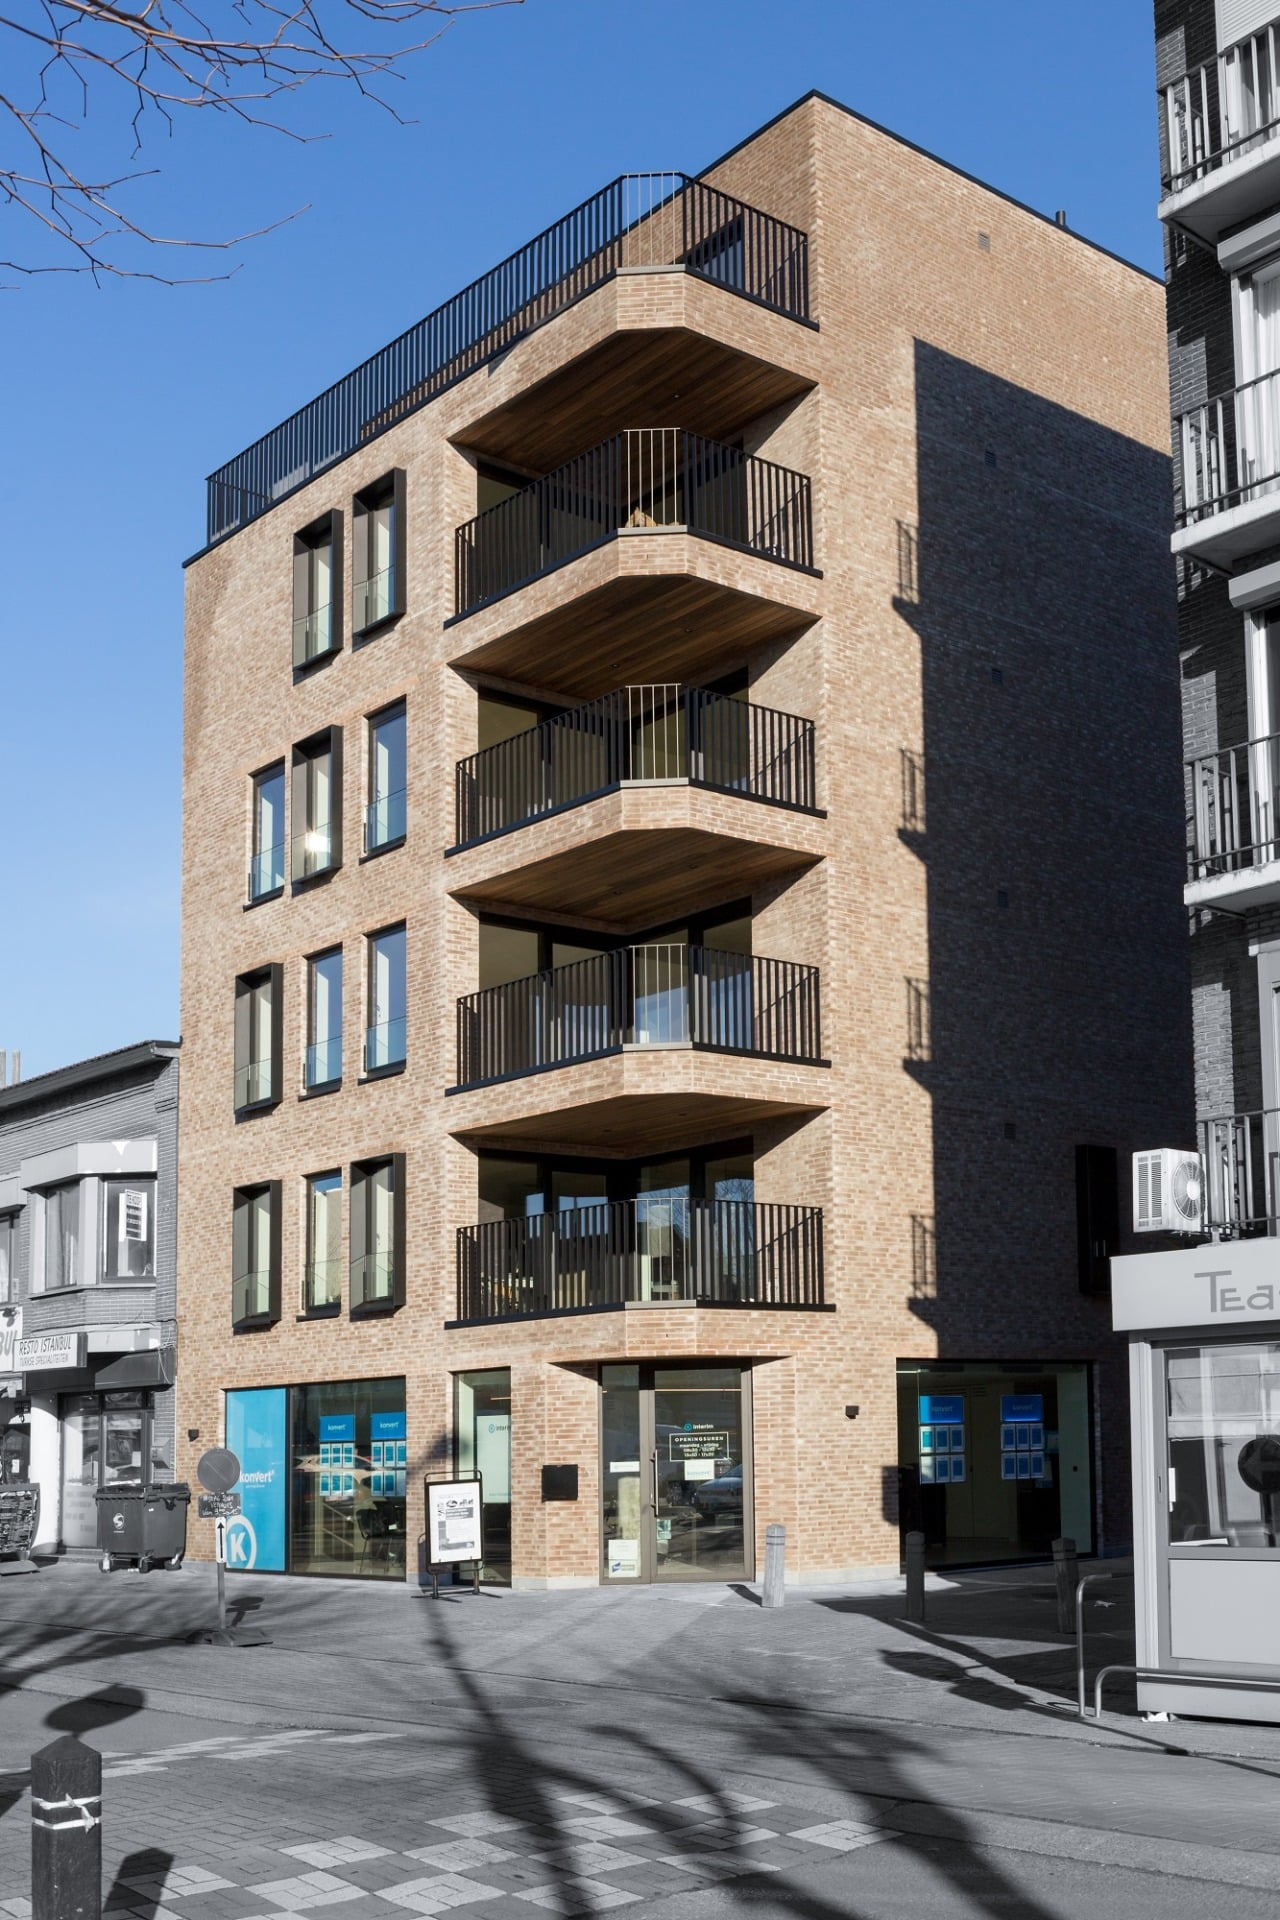 Square view I - 7 appartementen en handelsruimte - Zelzate | Realisaties - Strak bouw bv